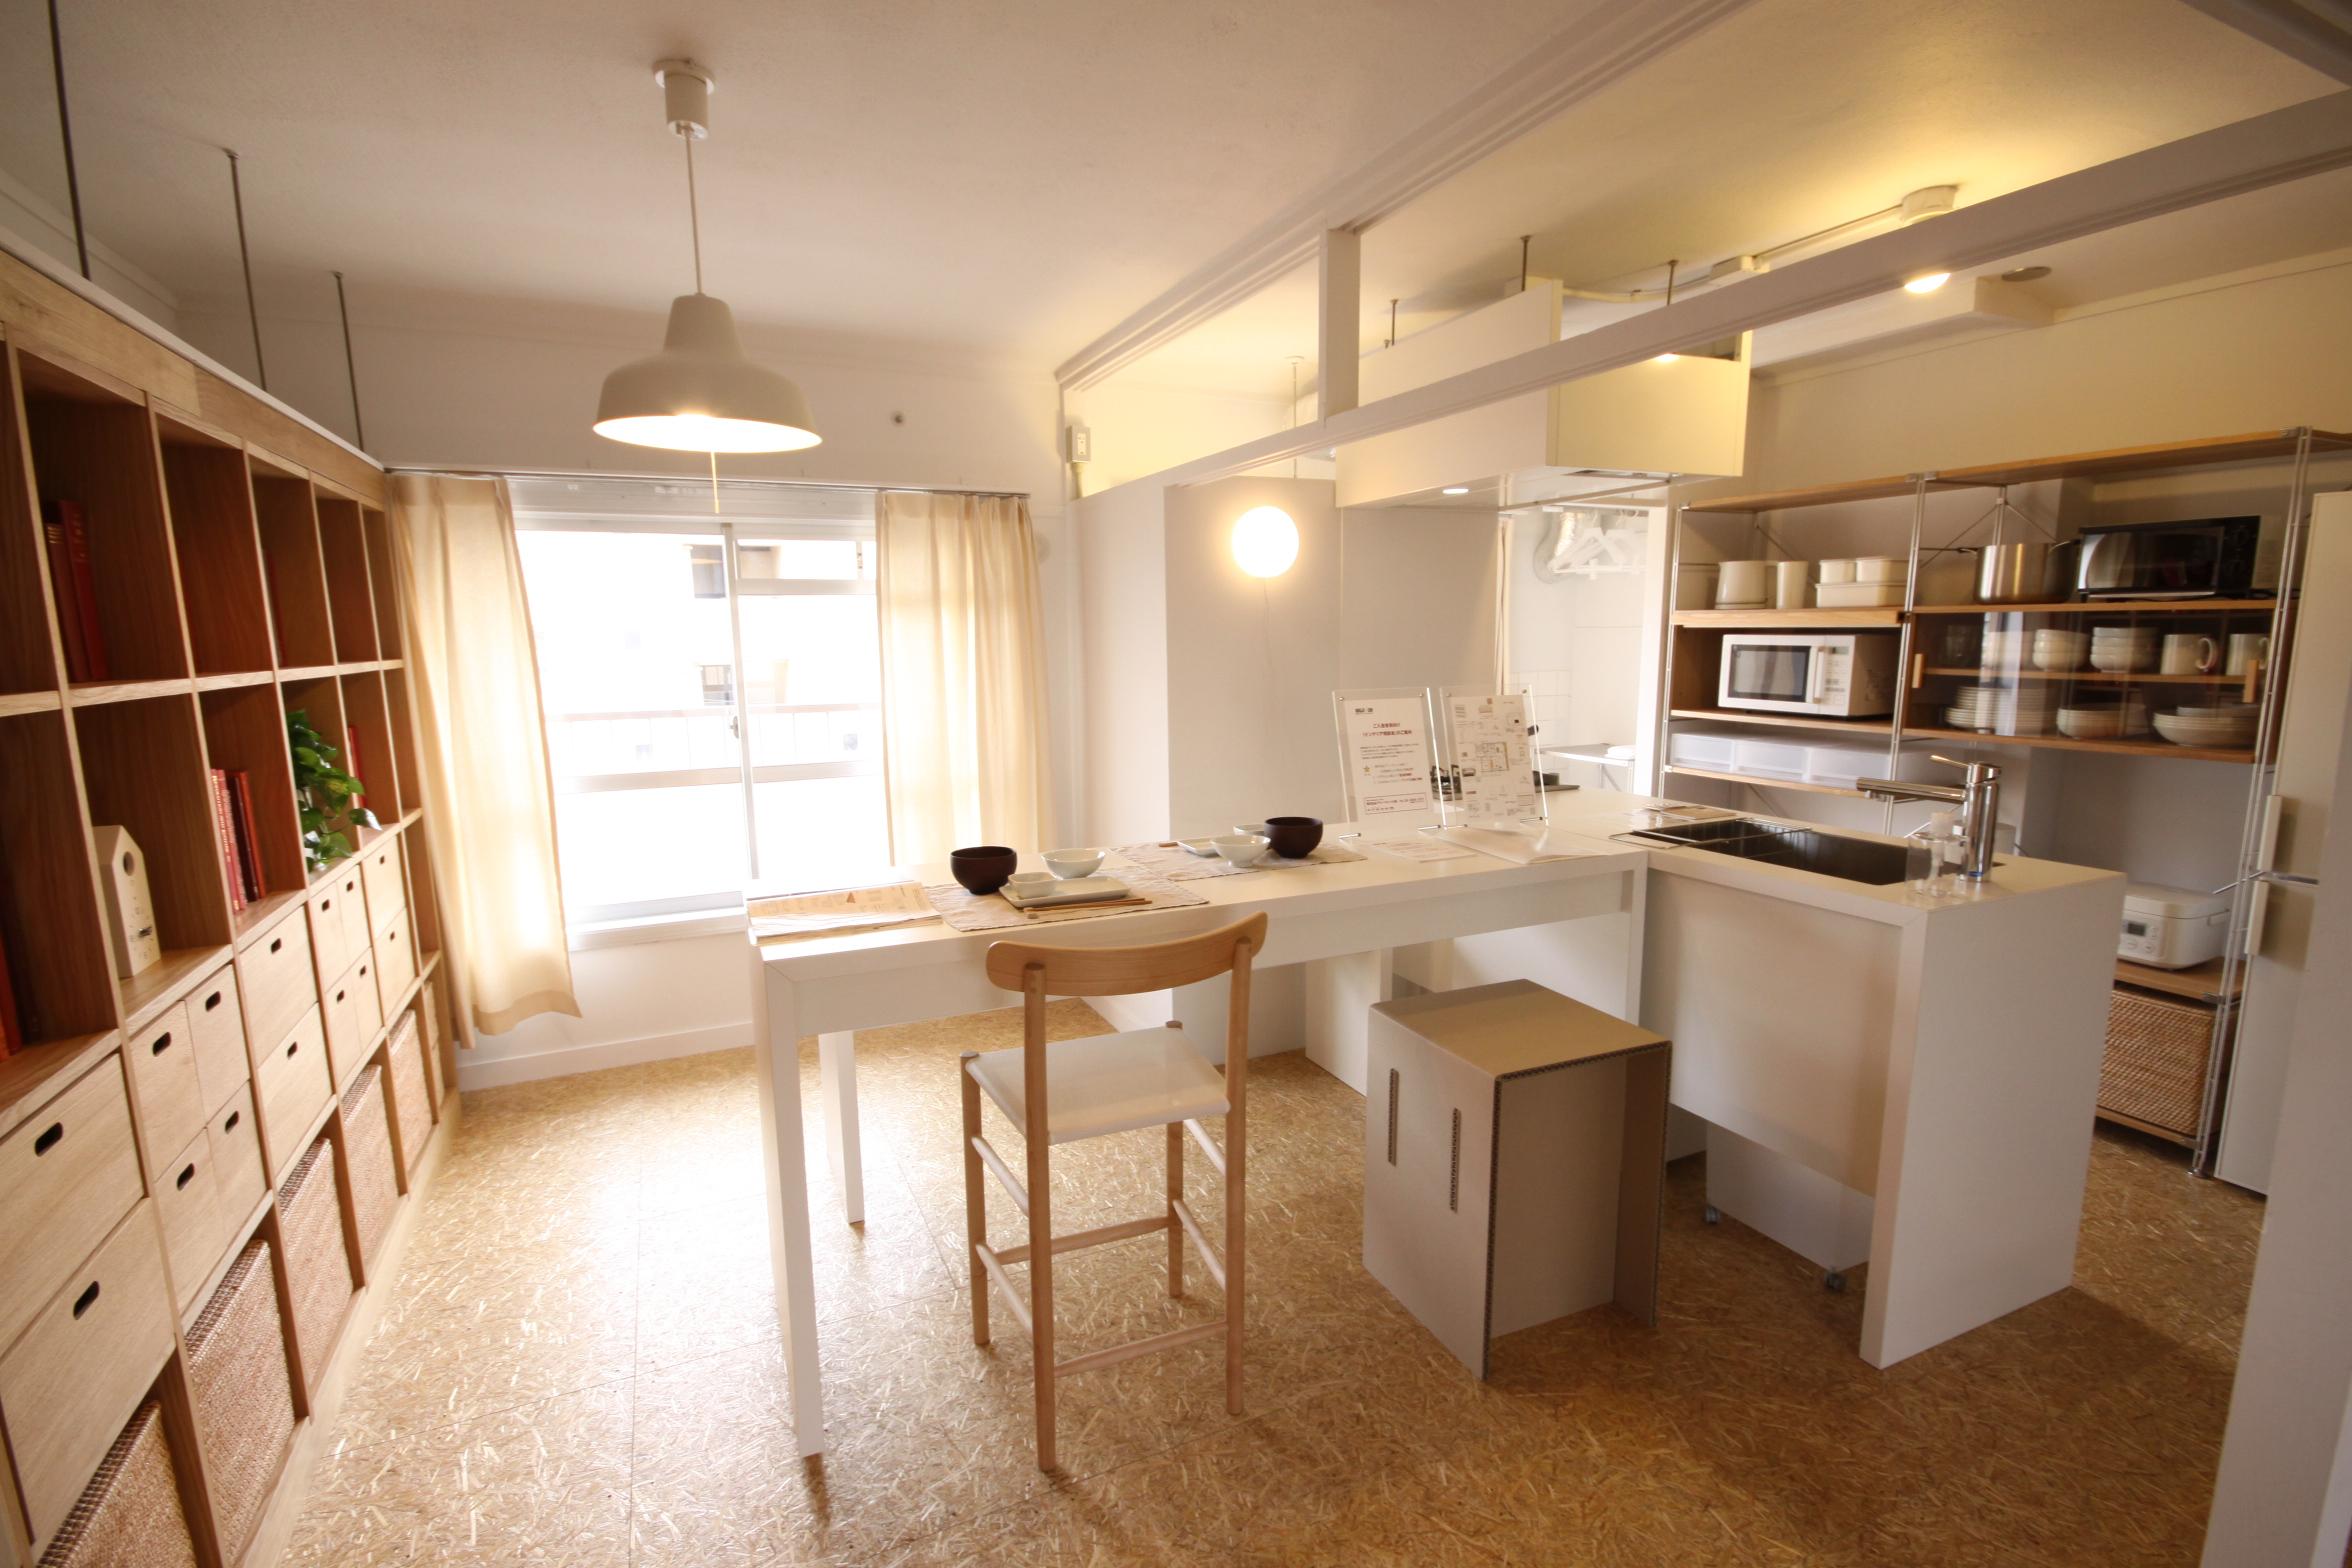 千里青山台団地MUJI×UR住戸:インテリアを無印良品とURがコラボレーションして改装した住戸。